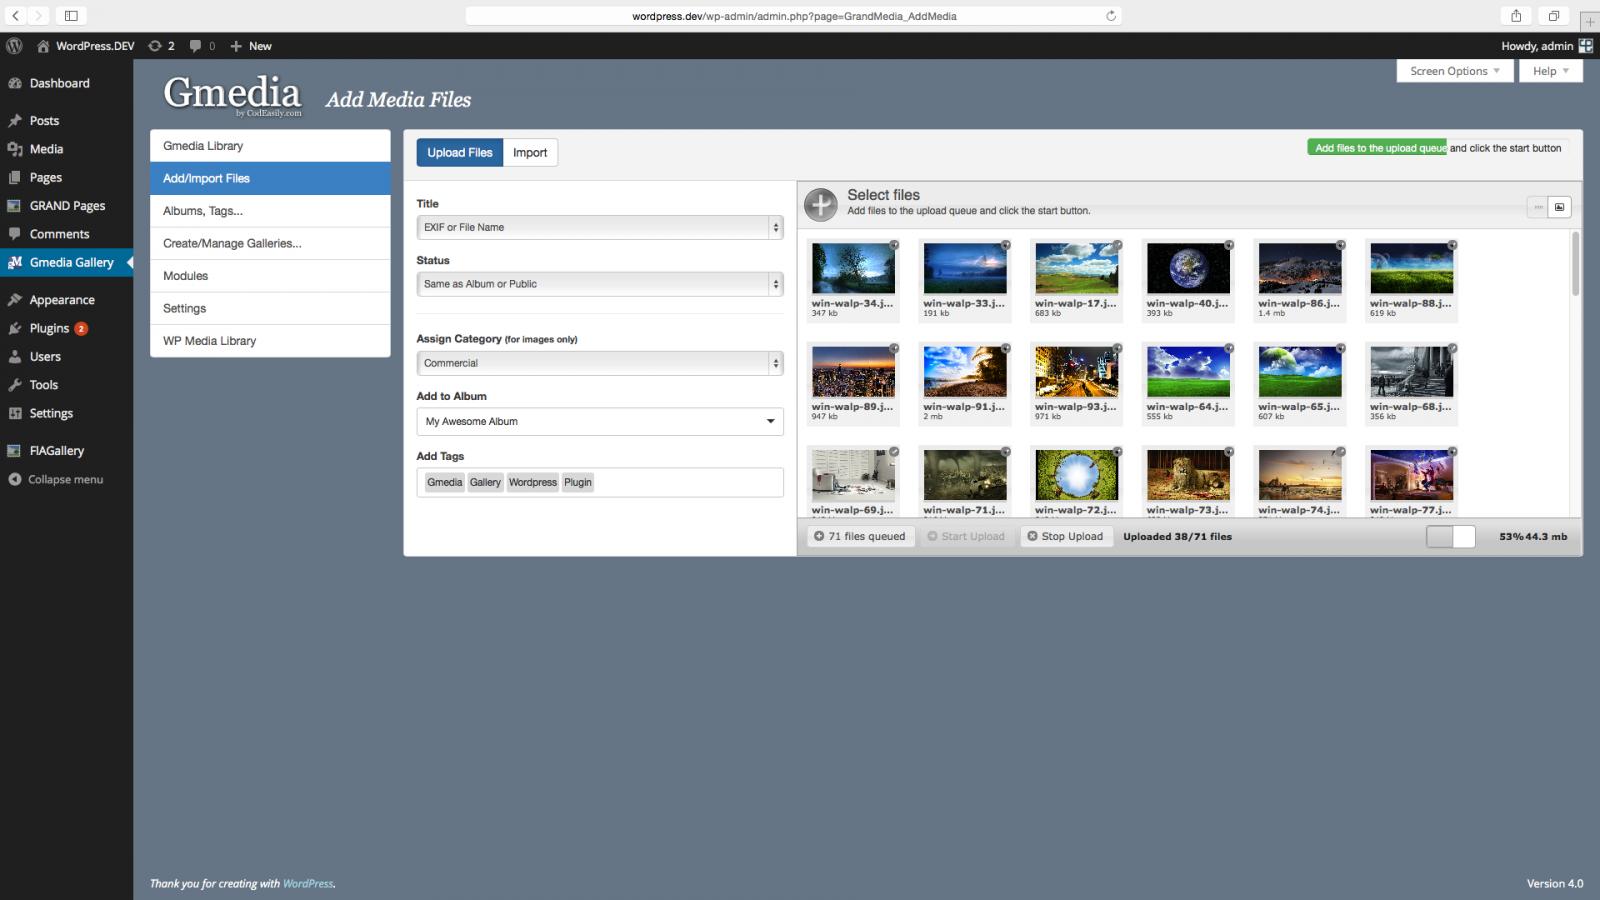 Gmedia Screenshot2